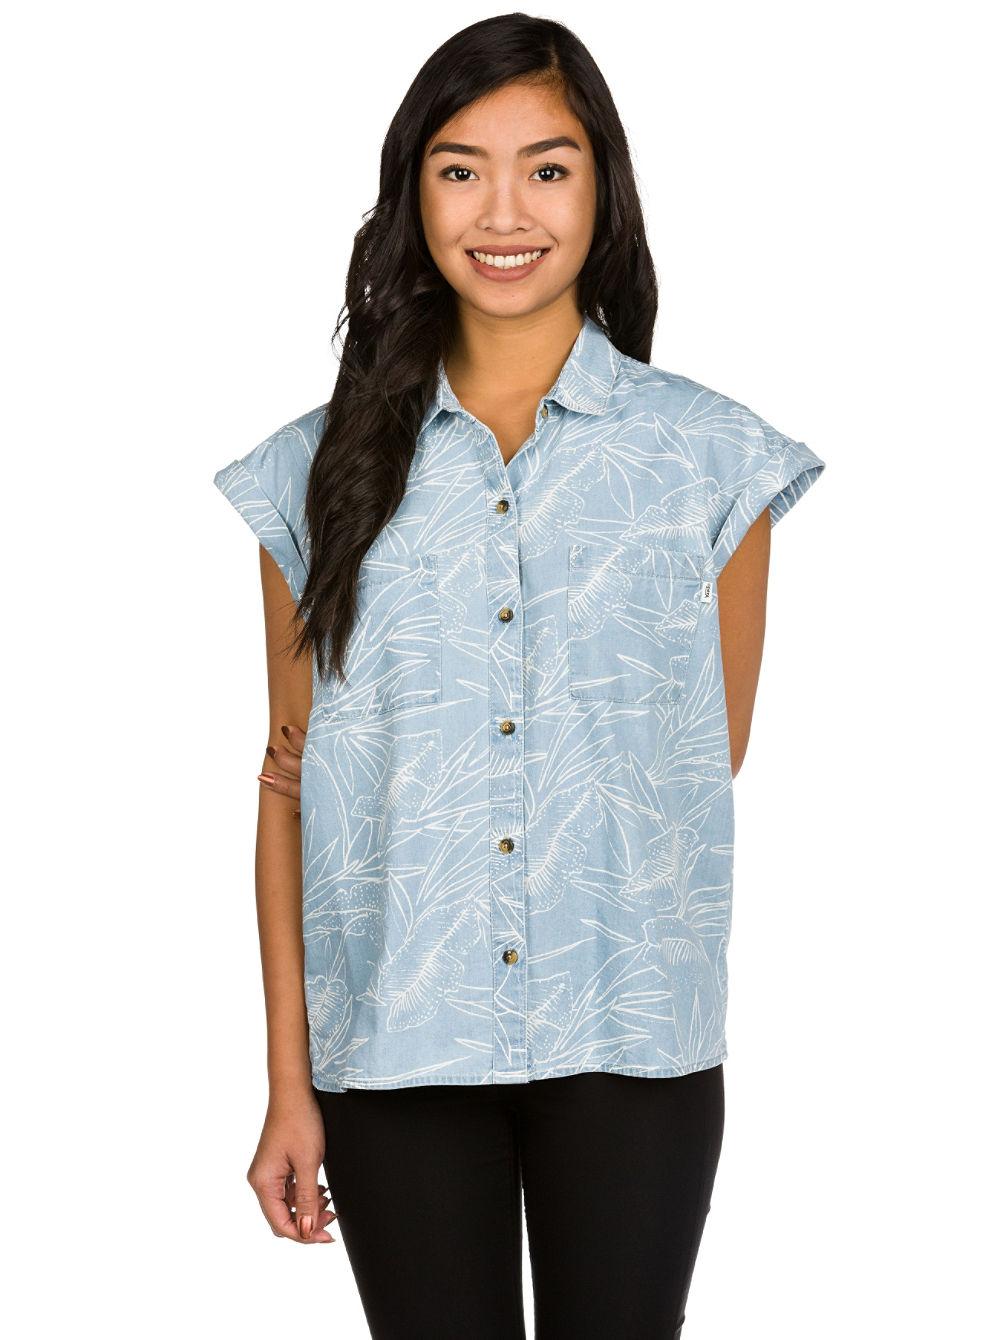 1bad6beb4e Buy Vans Sundazed Denim Shirt online at Blue Tomato